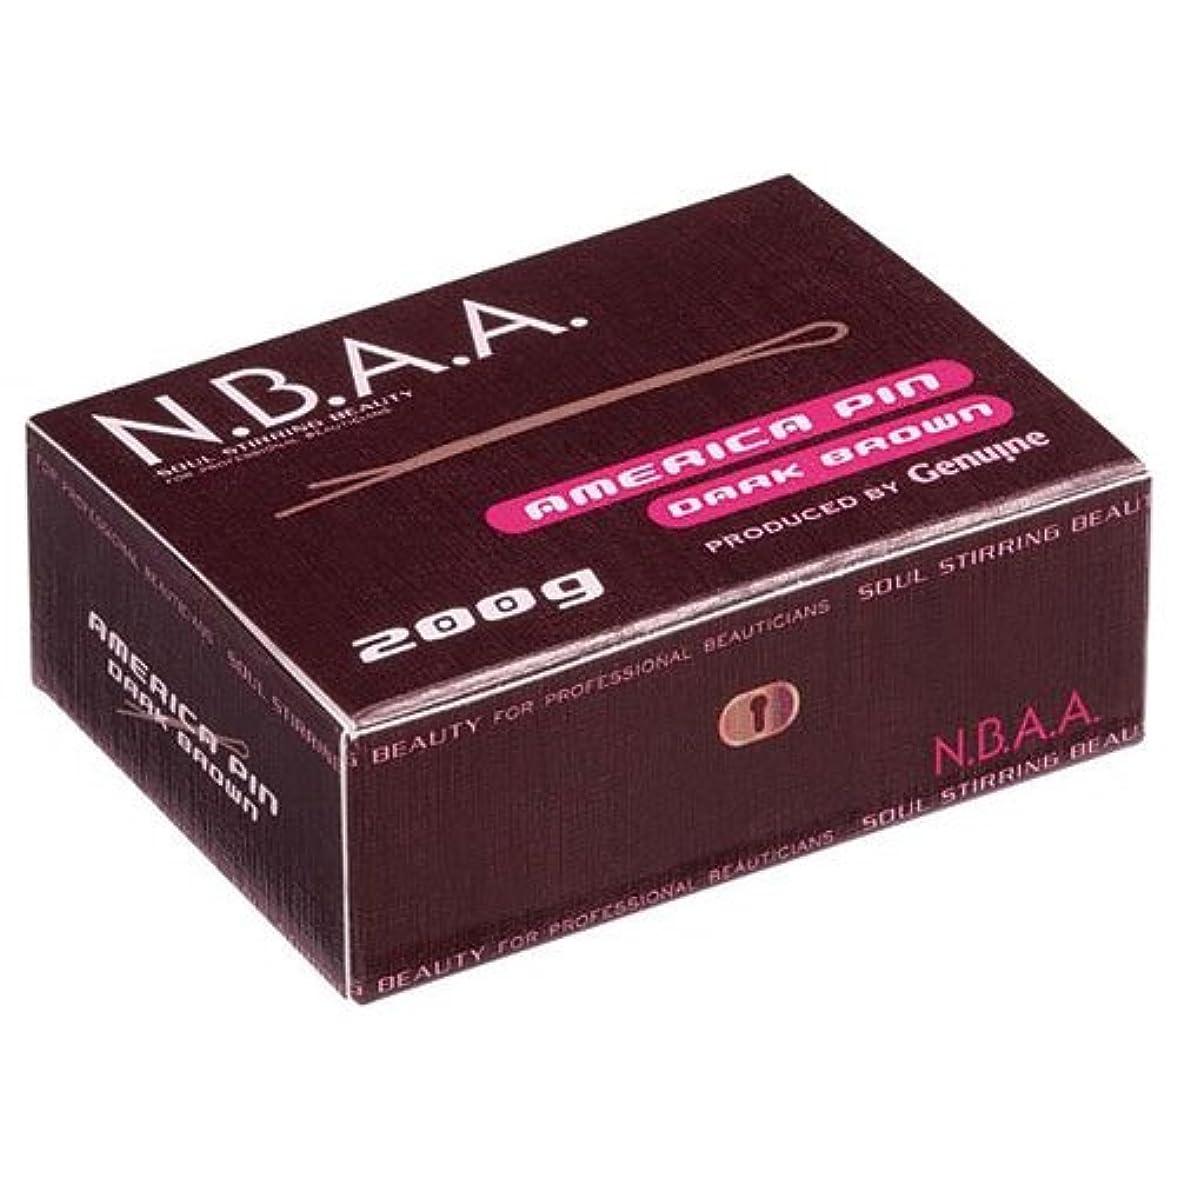 ロゴ研磨剤の前でNB-P01 NBAA.アメリカピン 200g